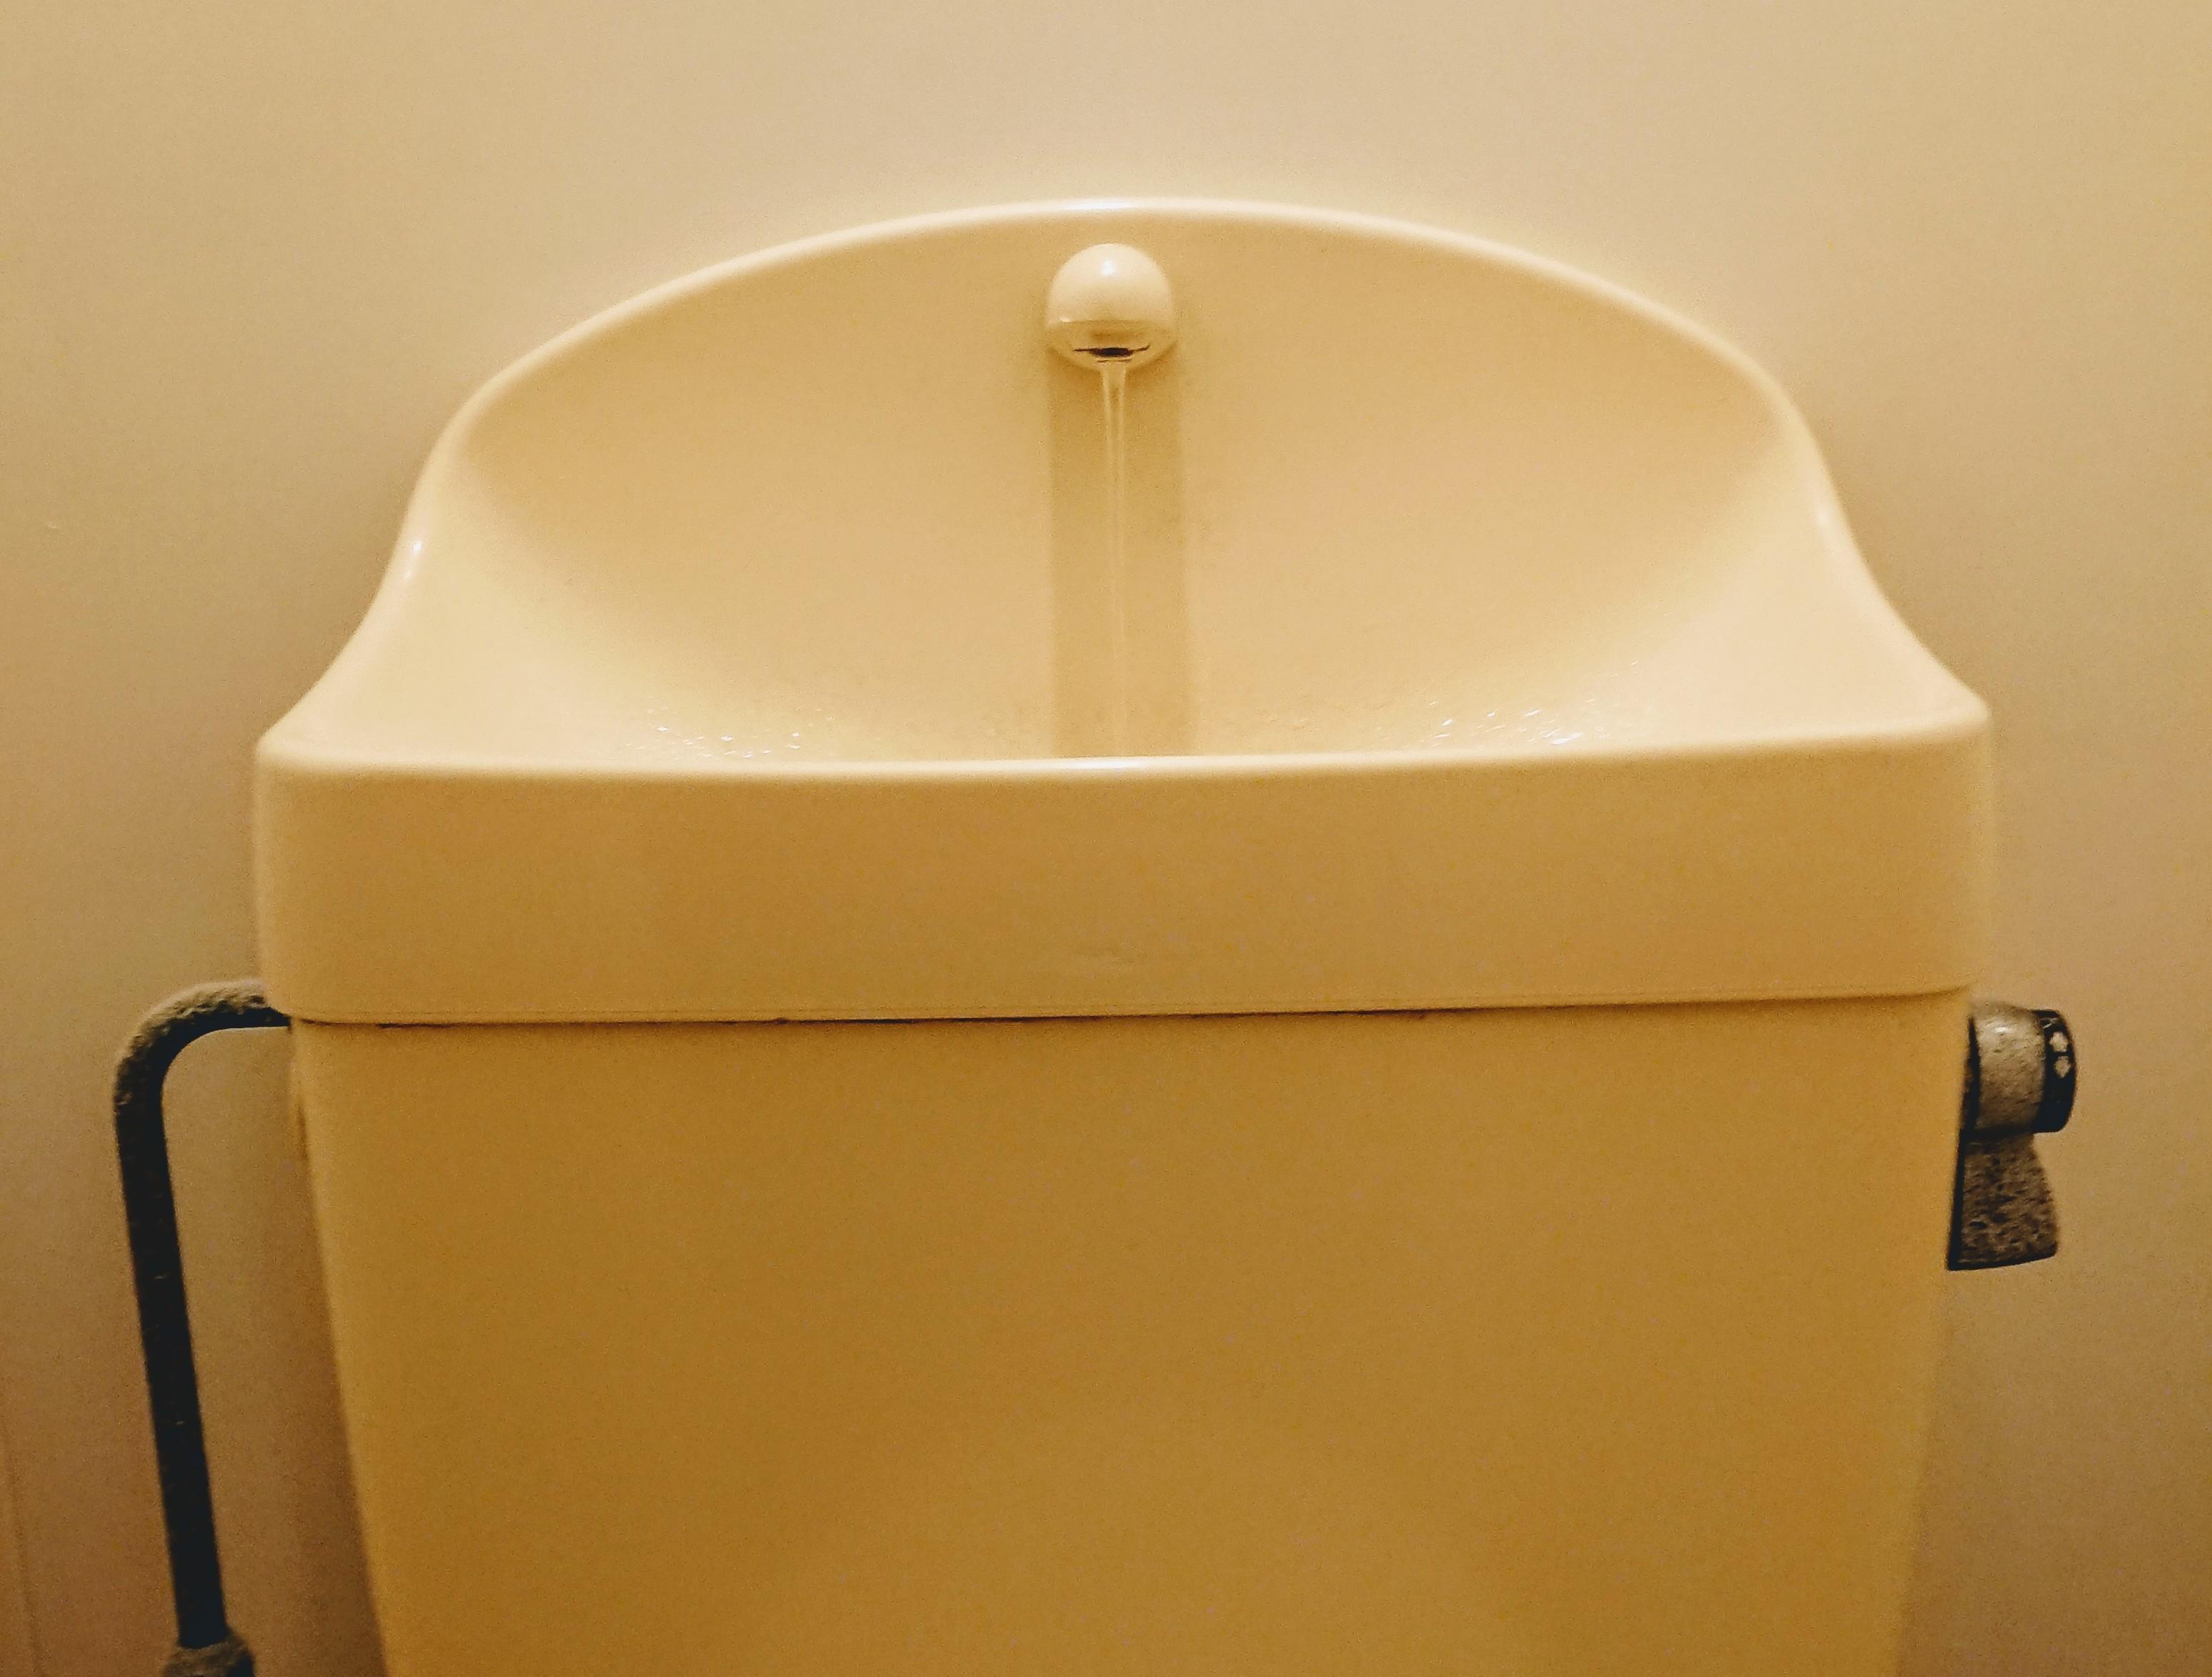 トイレタンクの中を掃除しましょう 簡単に汚れを落とせる7つの方法